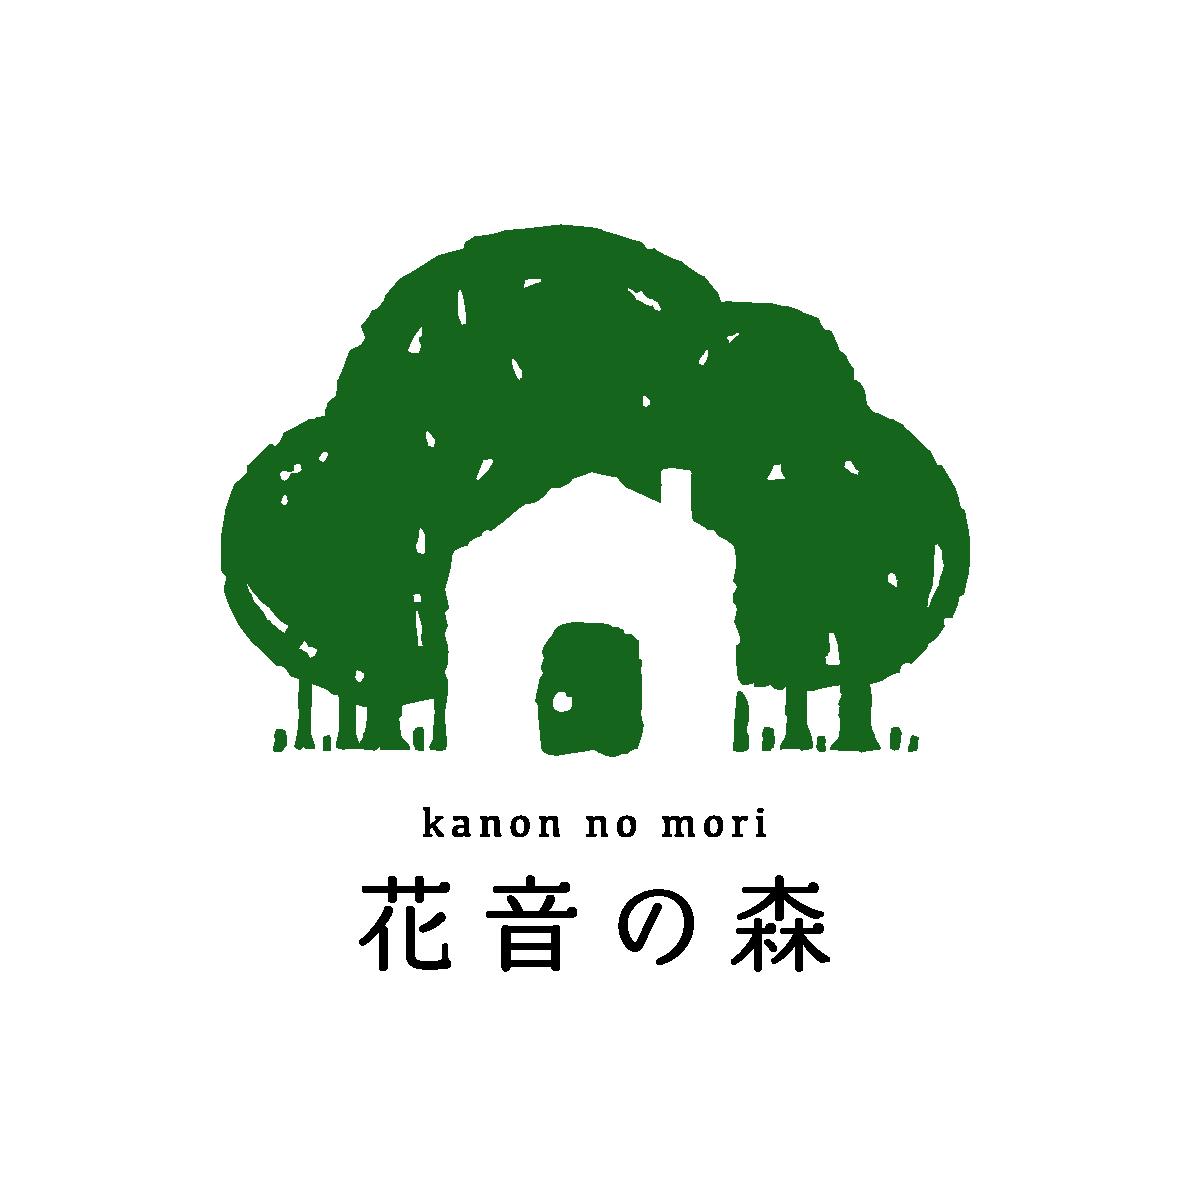 埼玉県熊谷市・ガーデンセラピー体験施設 花音の森